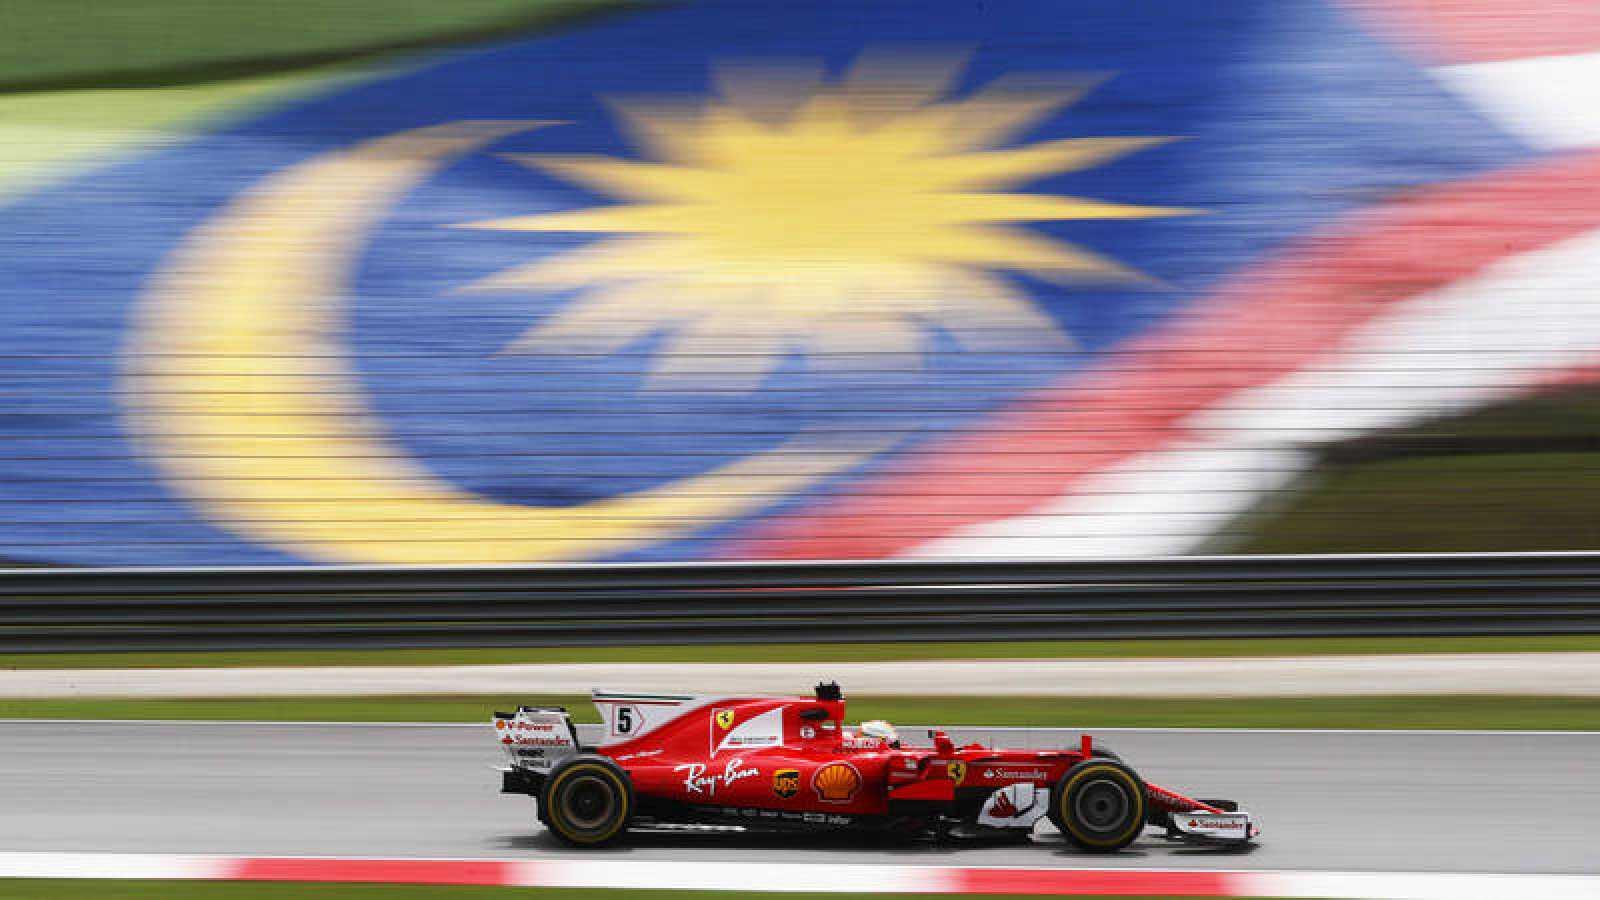 Ferrari domina en Sepang con Alonso quinto